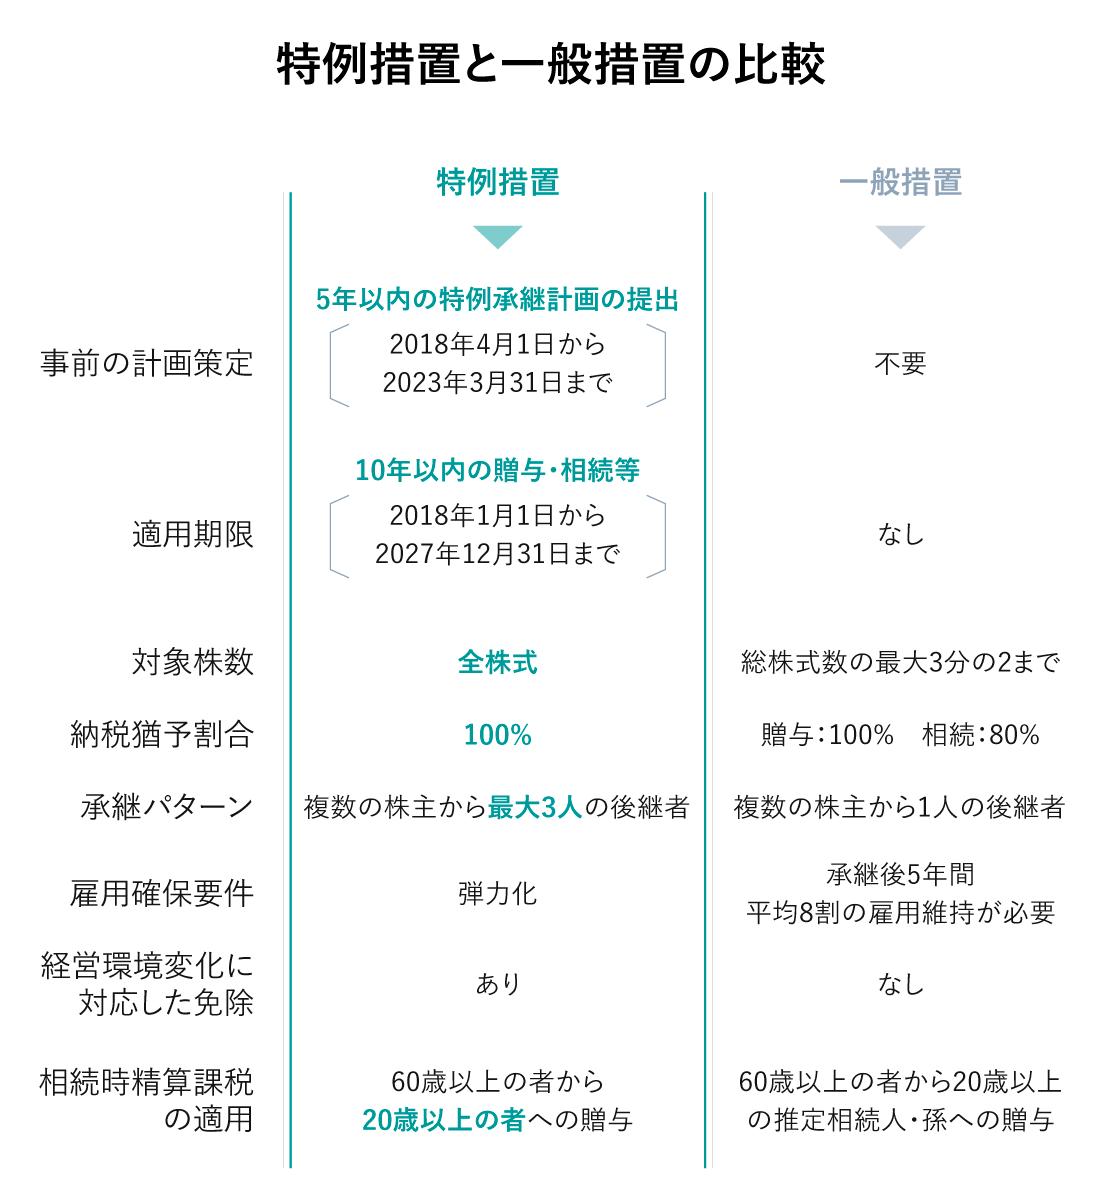 特例措置と一般措置の比較